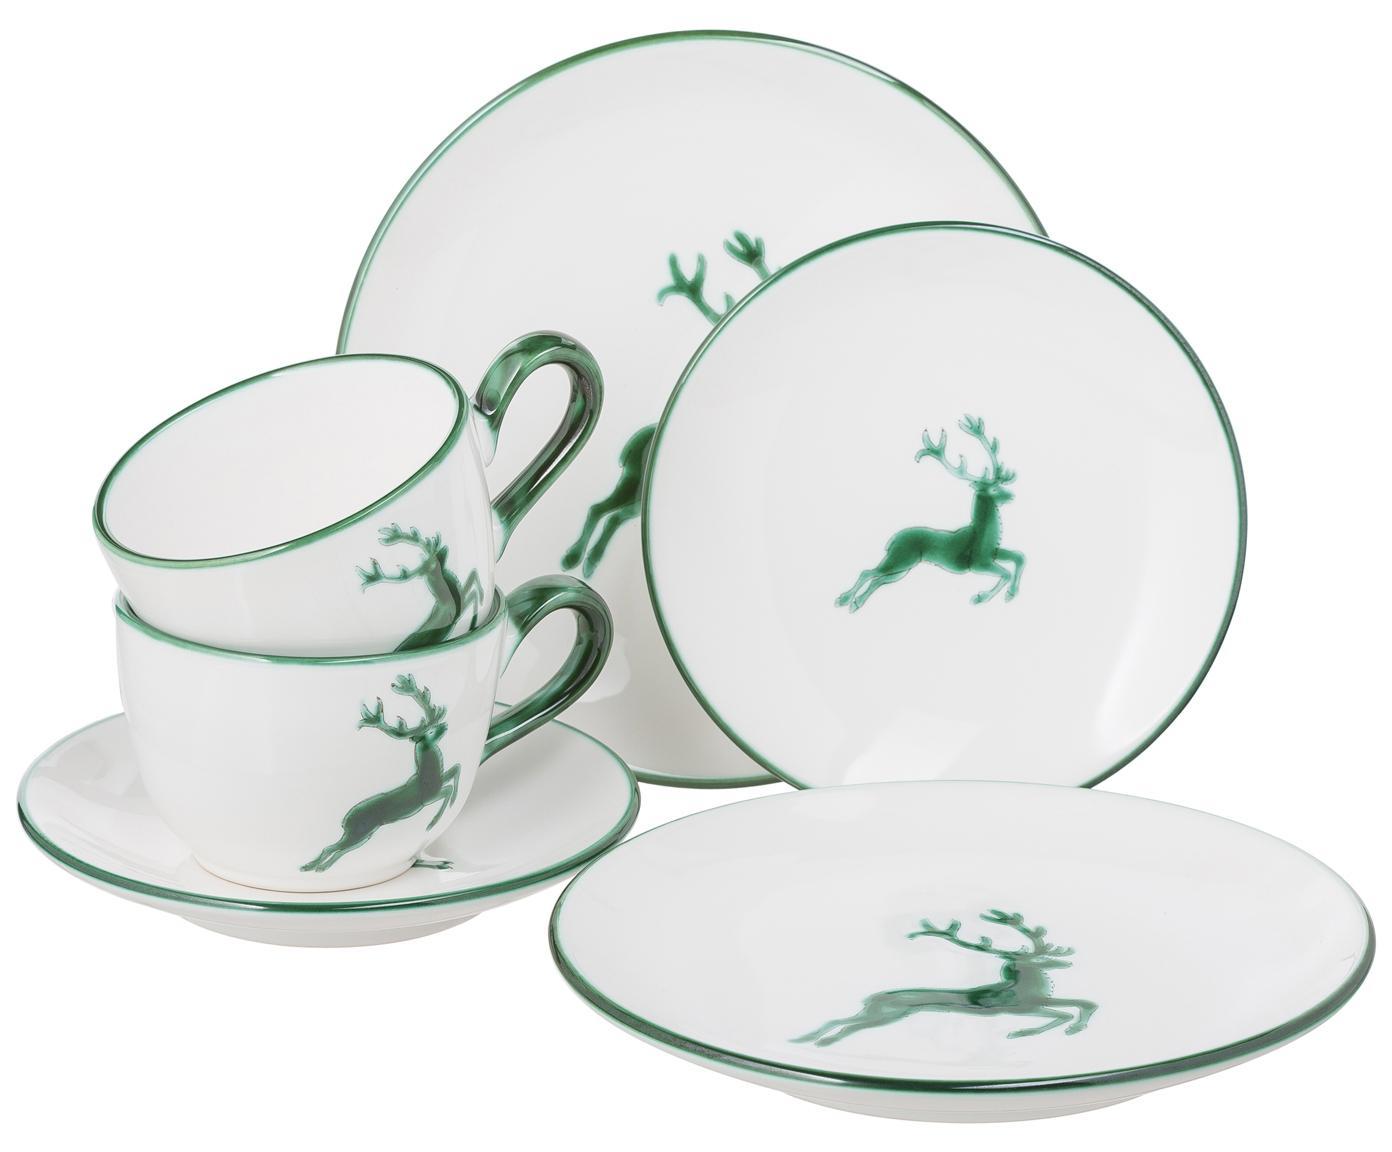 Koffieservies Classic Groene Hert, 2 personen (6-delig), Keramiek, Groen, wit, Verschillende formaten